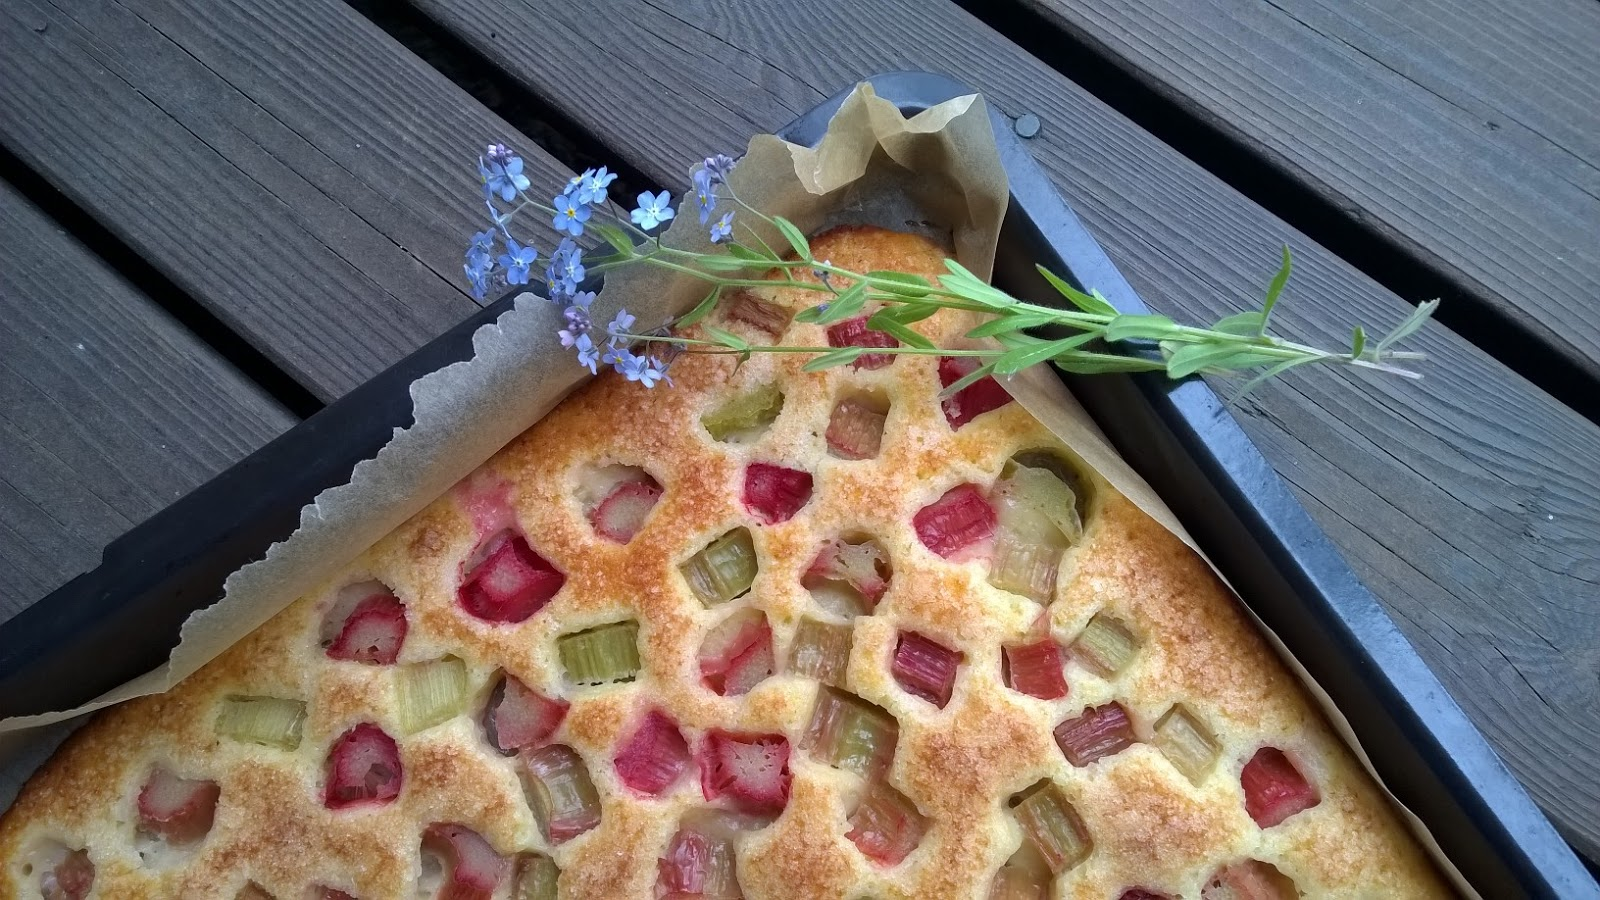 raparperipeltipiirakka peltipiirakka piirakka raparperi leivonta sesonkiruoka sesonki